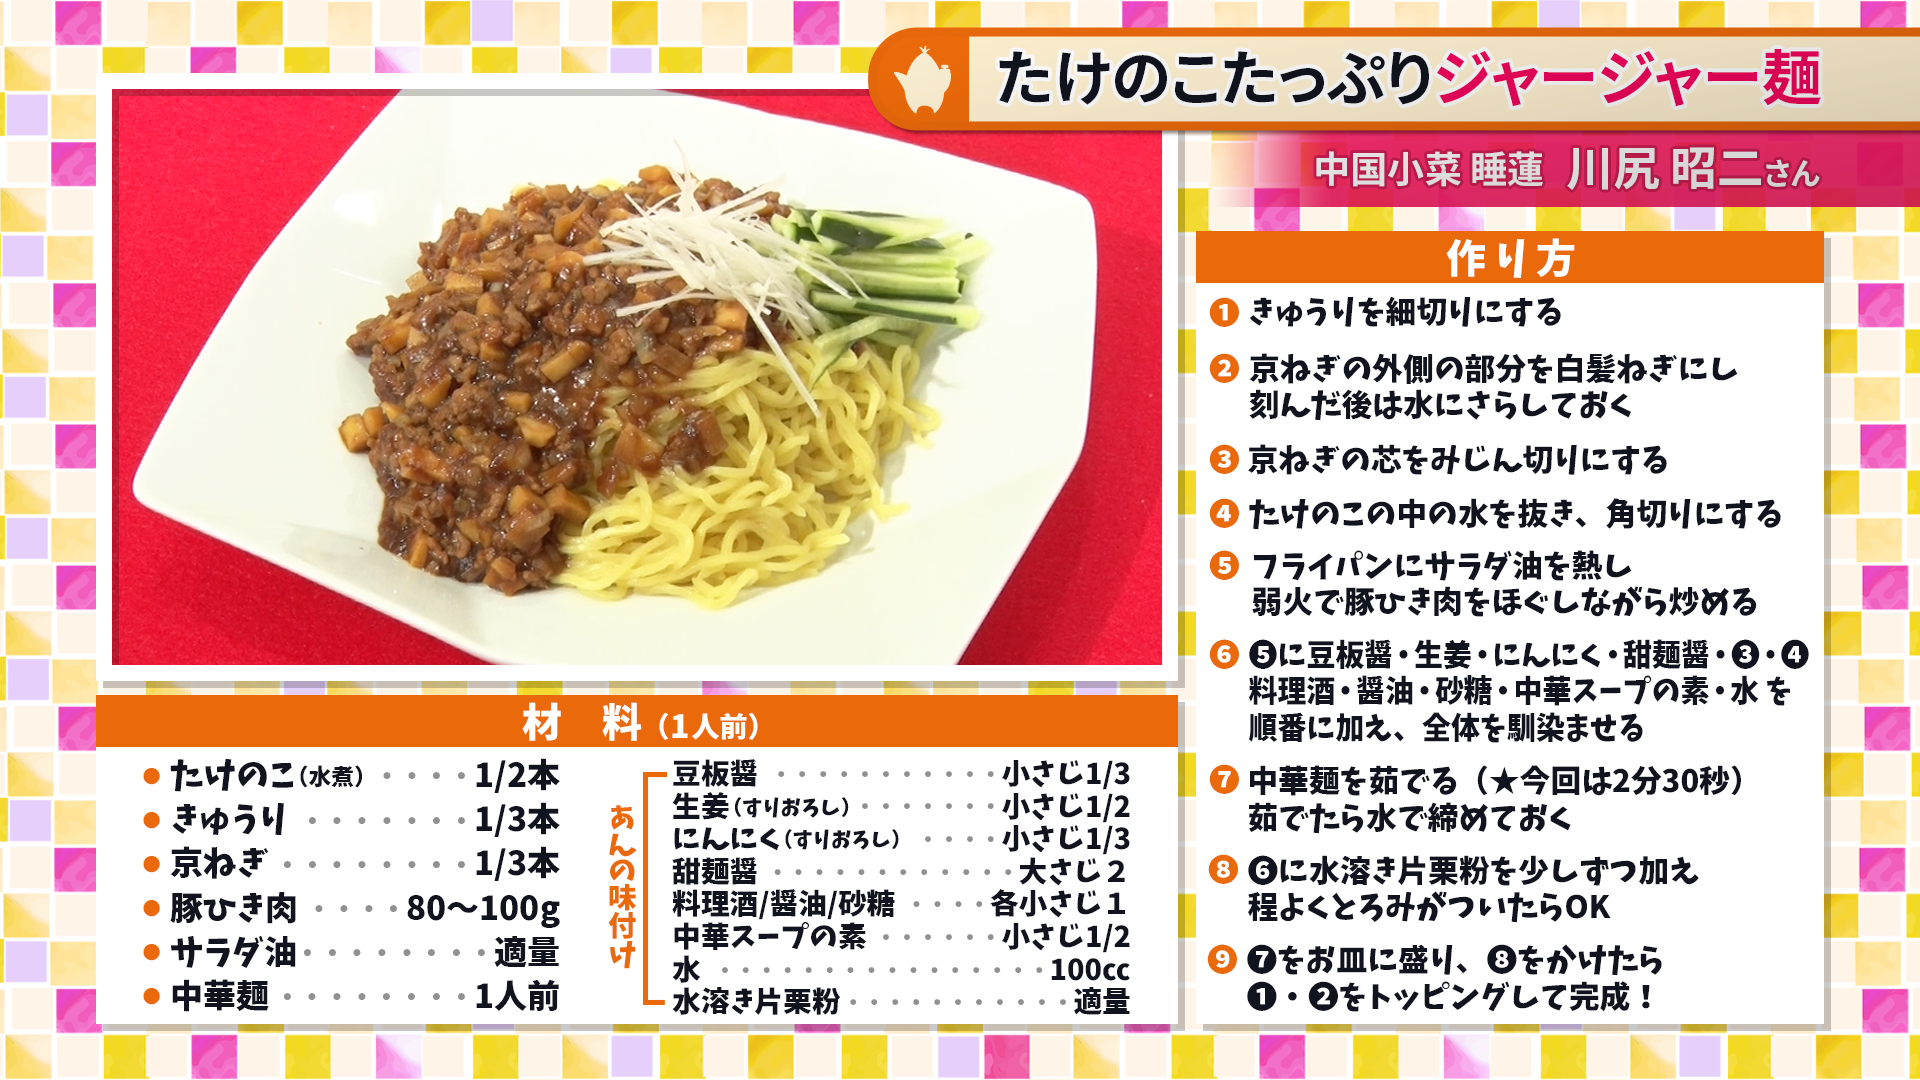 たけナビ『たけのこたっぷりジャージャー麺』レシピ(5/5初回放送)